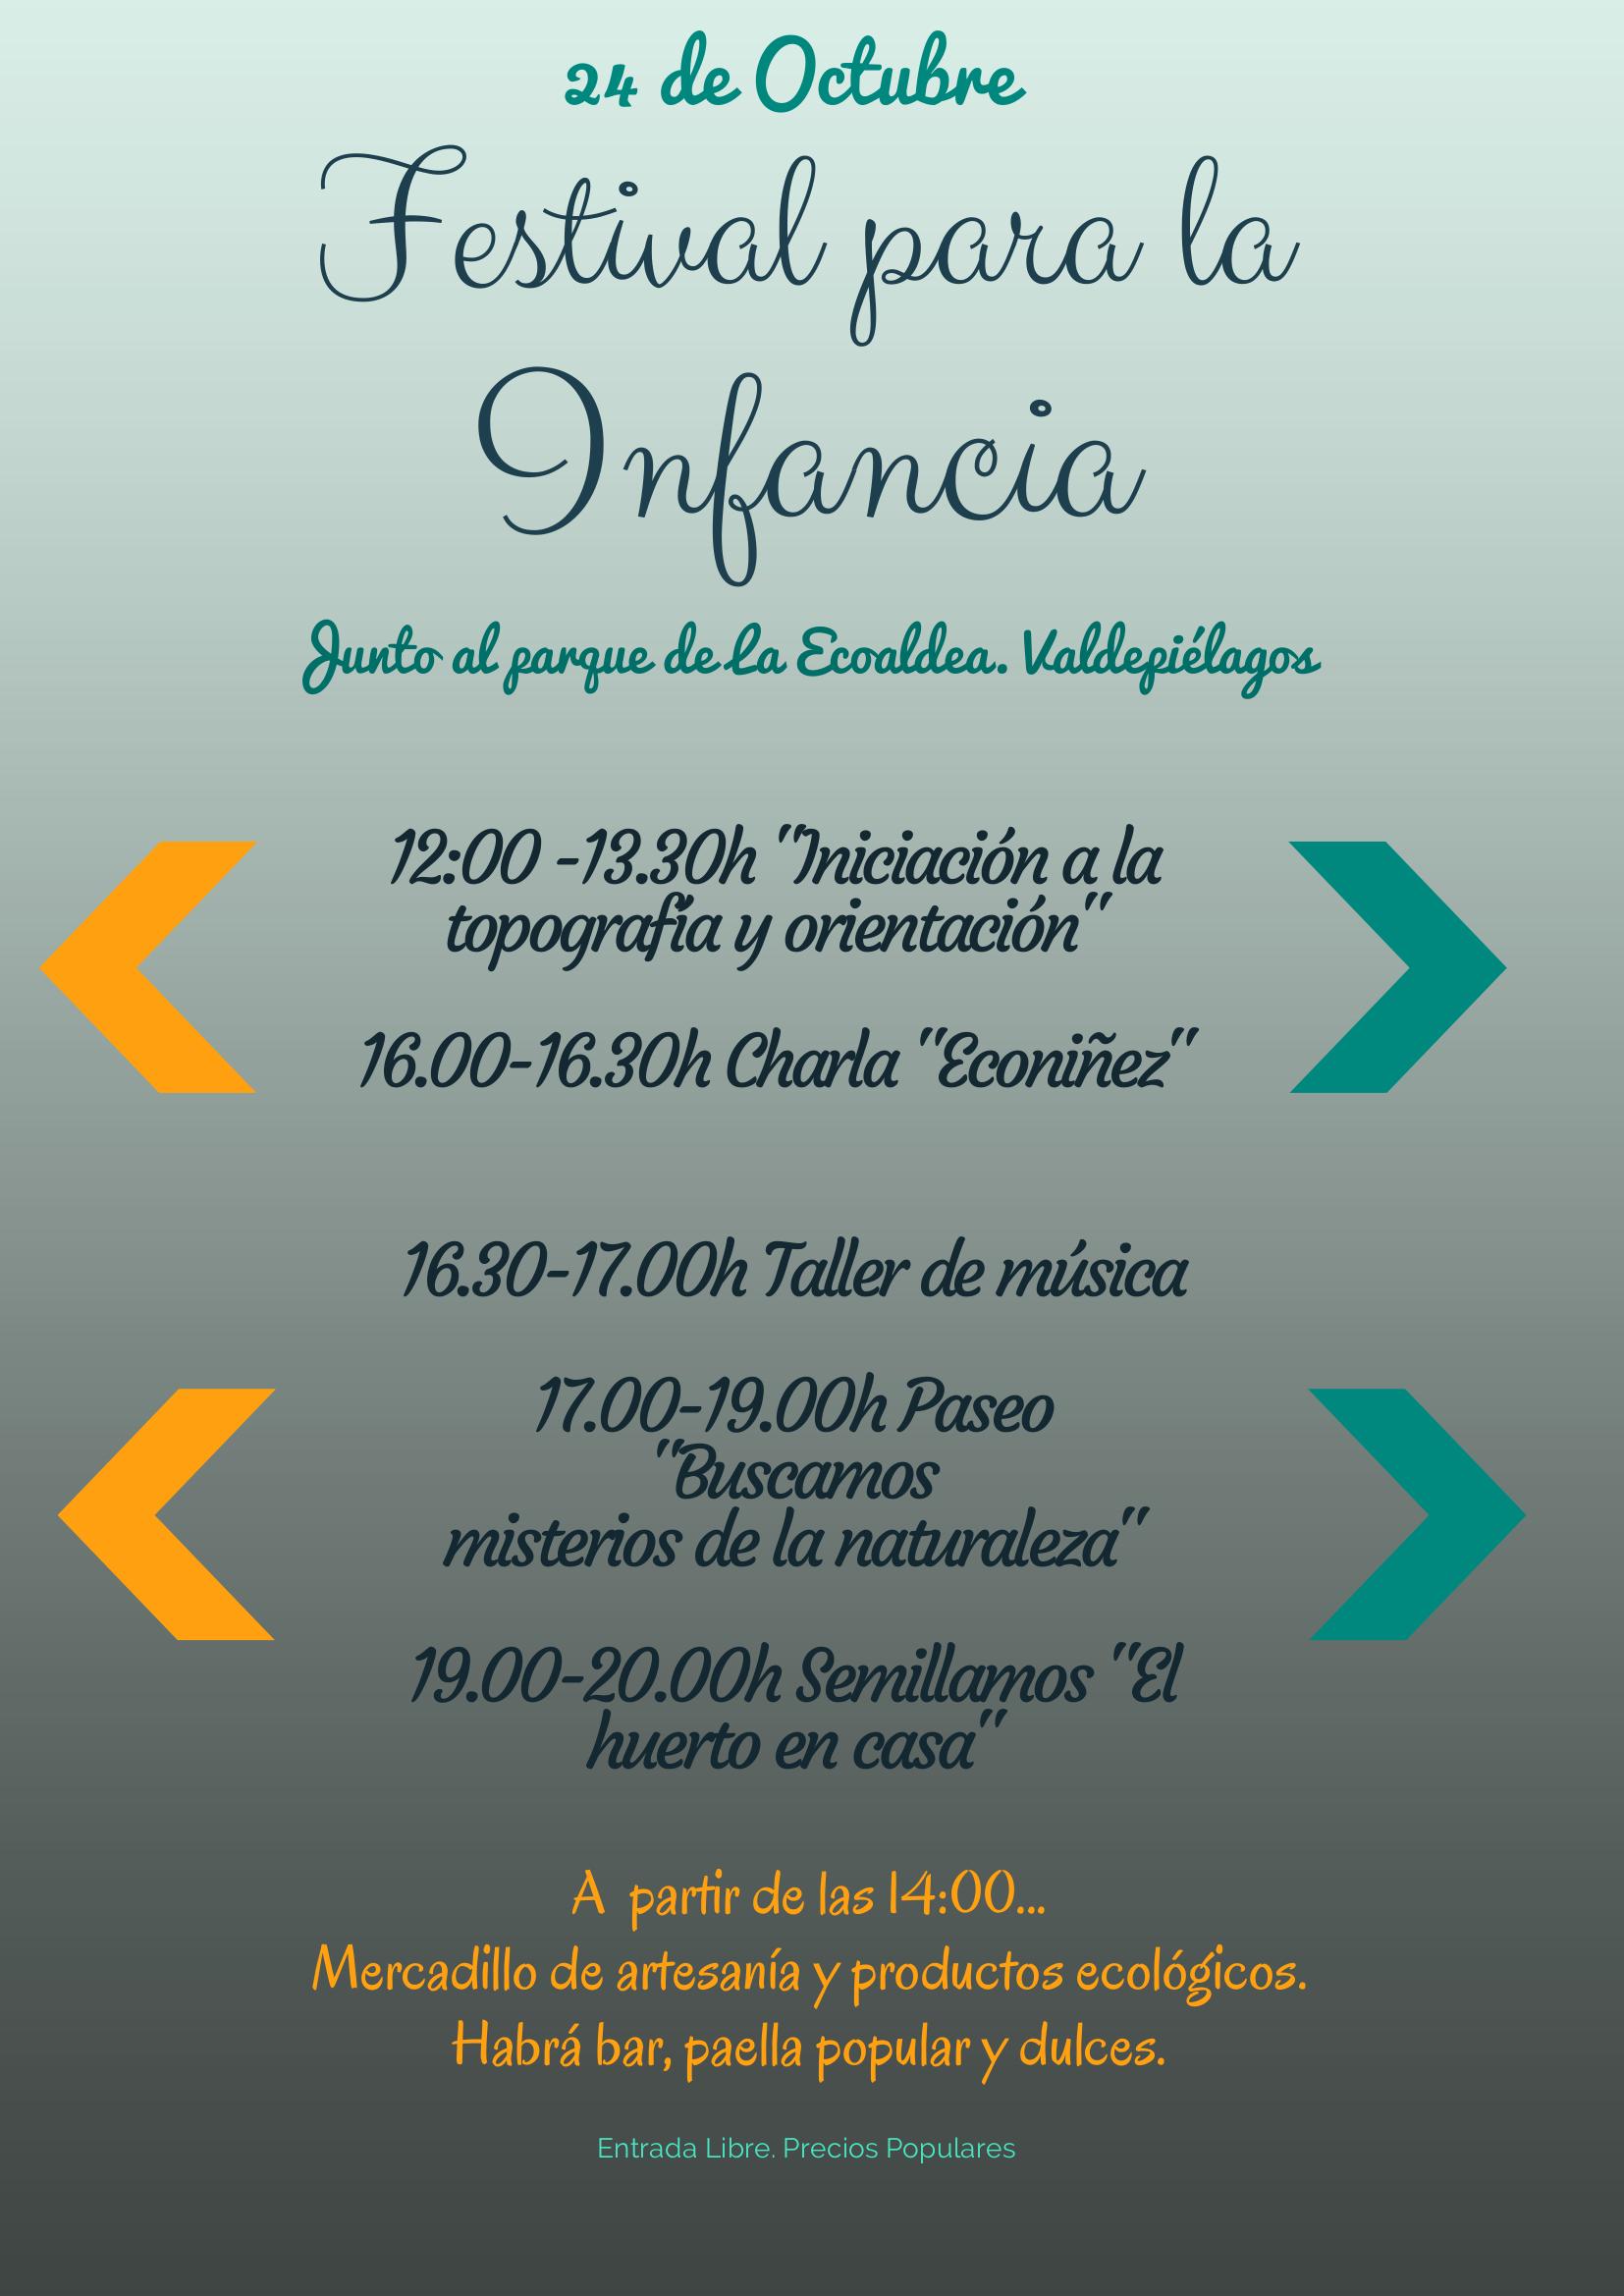 Festival para la Infancia. 24 Octubre. Ecoaldea Valdepielagos